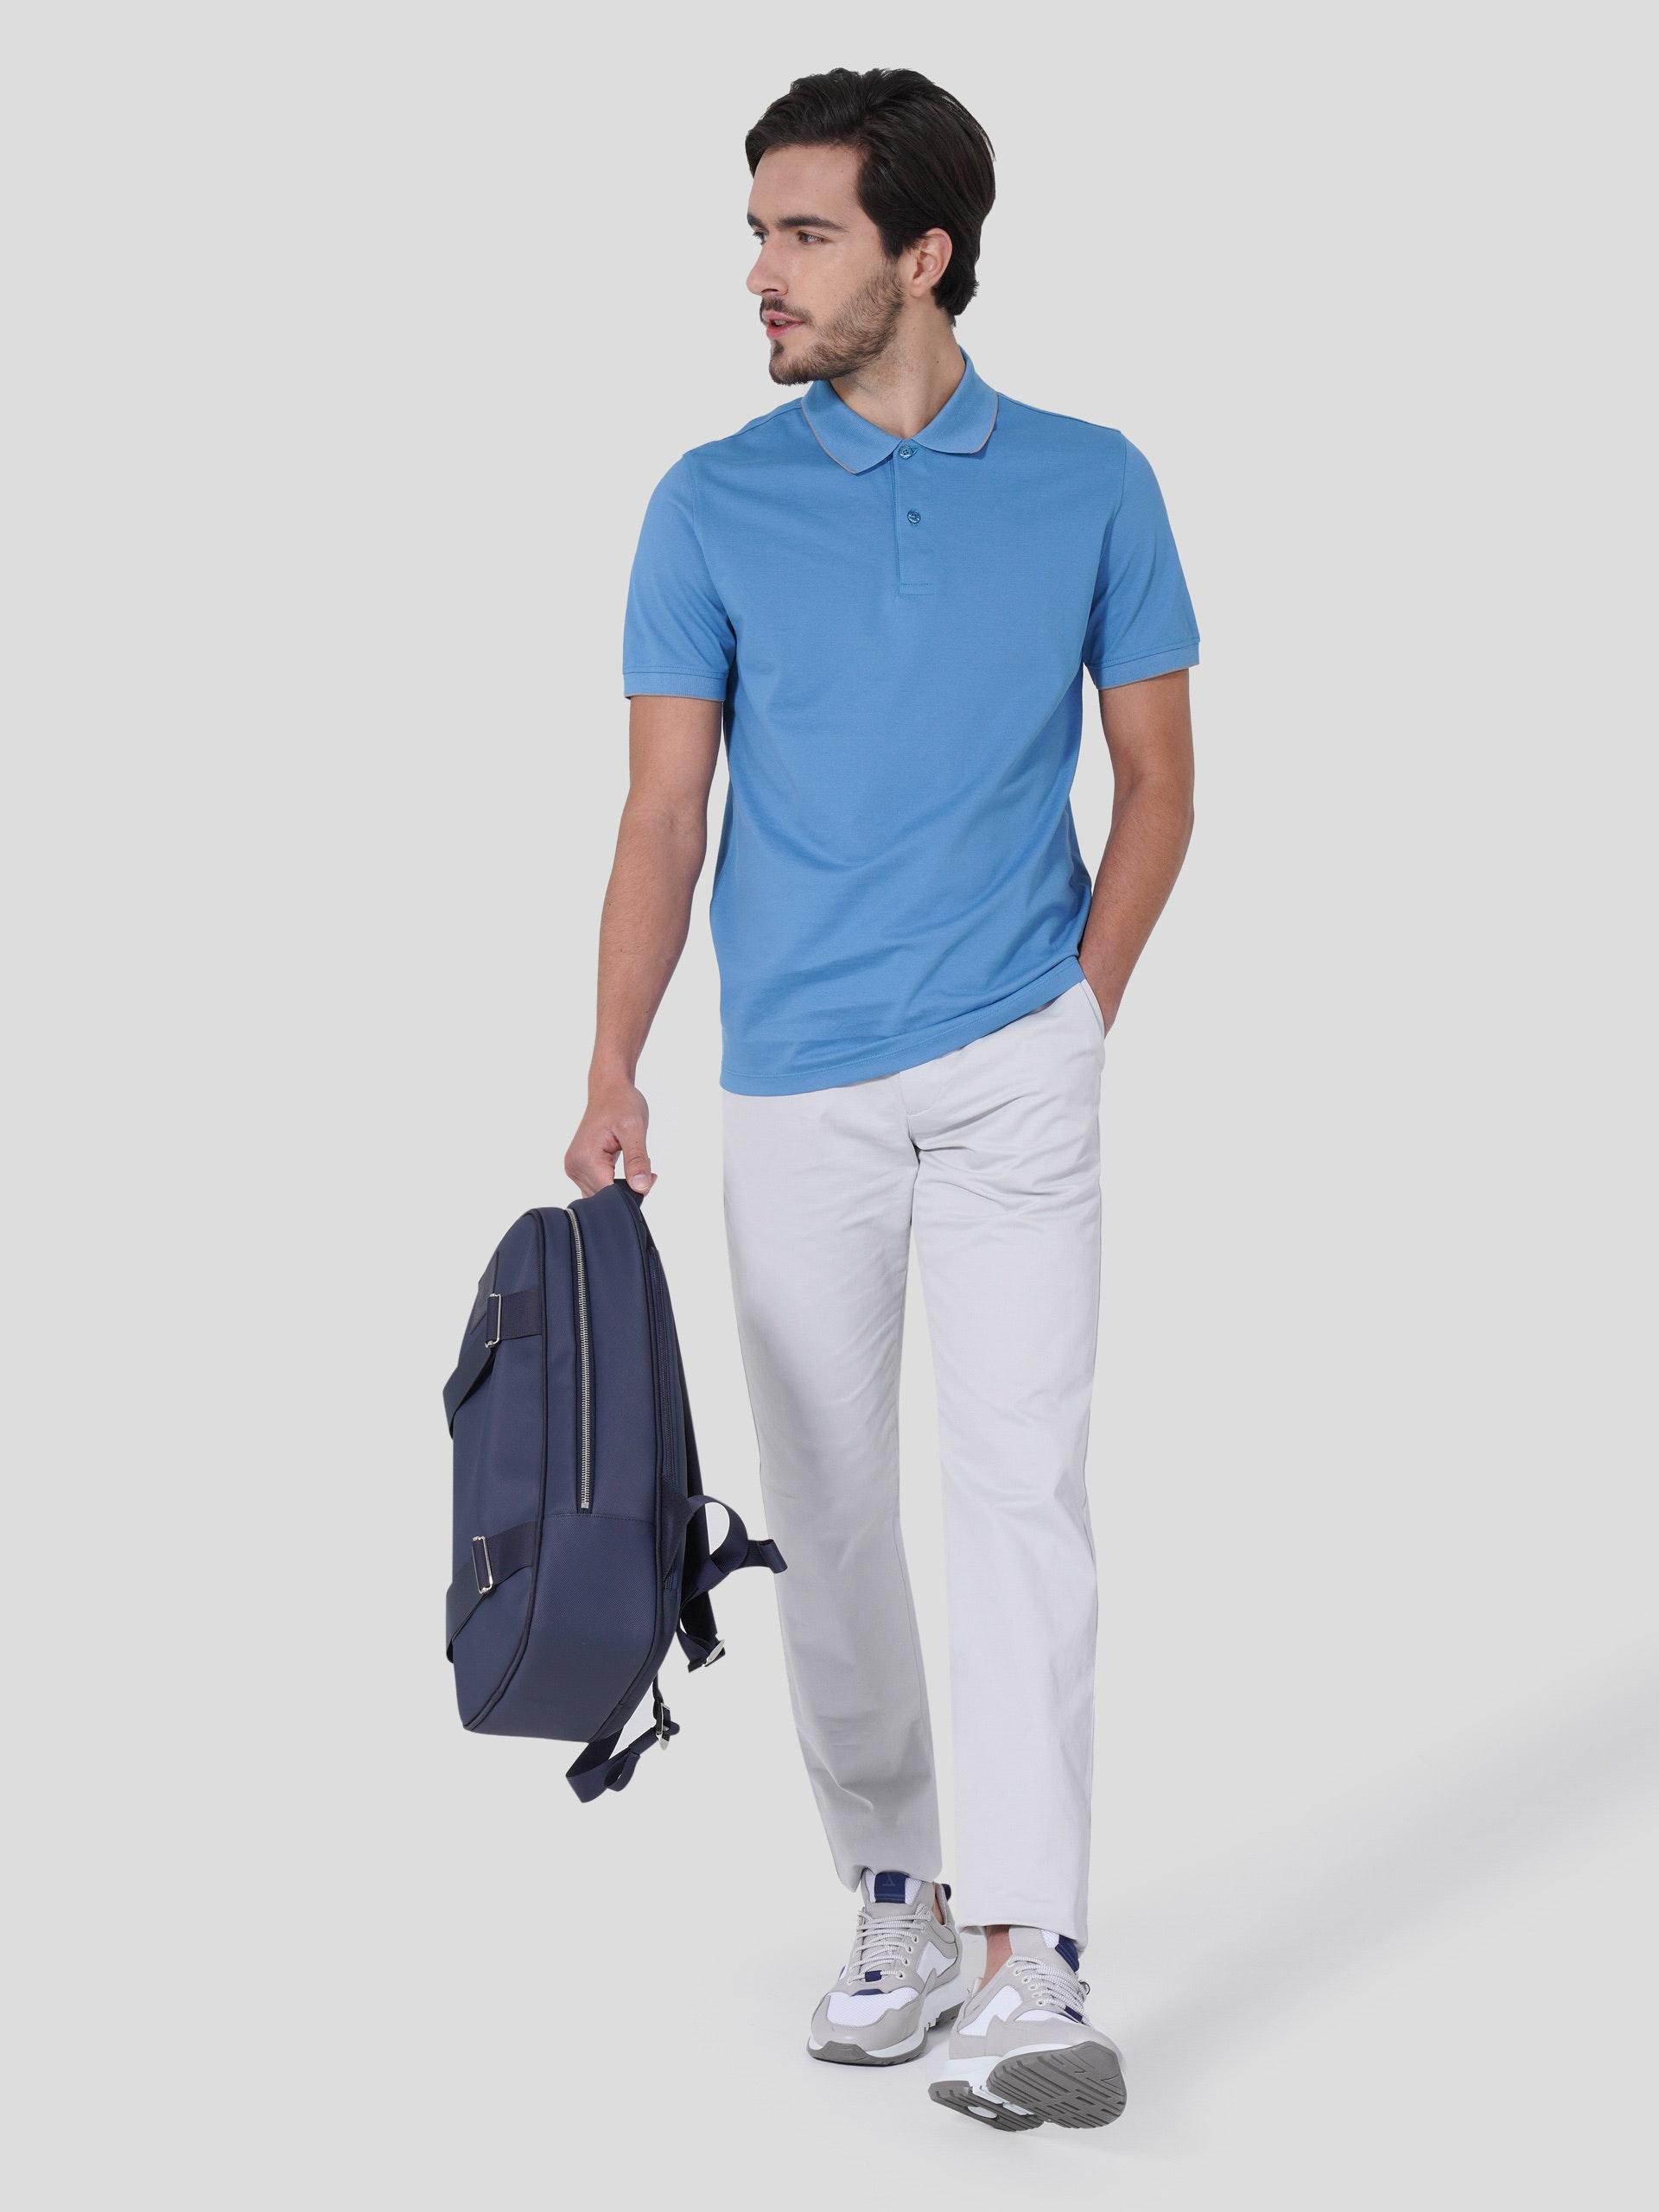 homem moreno de cabelo curto castanho com mão esquerda no bolso e mão direita a segurar uma mochila, vestido com sapatilha e calças cinzentas e polo azul a olhar para o lado